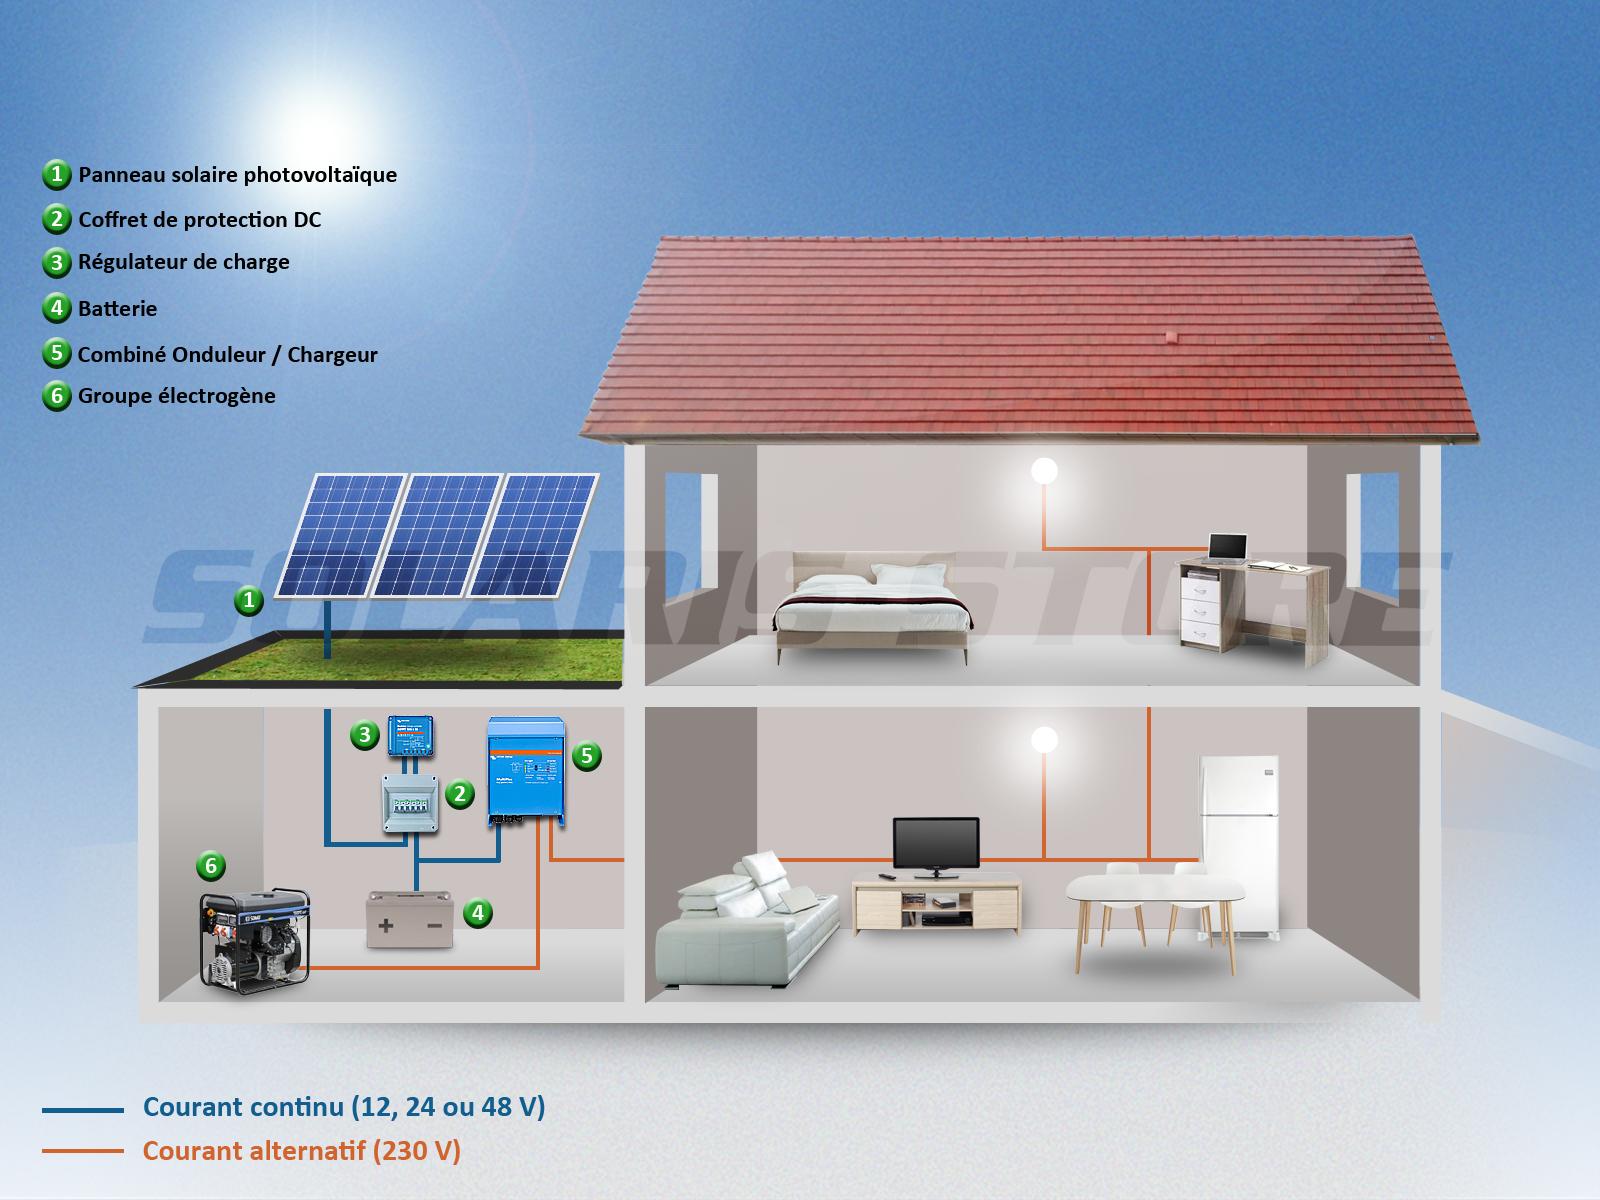 Schéma de principe d'un kit solaire hybrid (solaire + groupe électrogène)